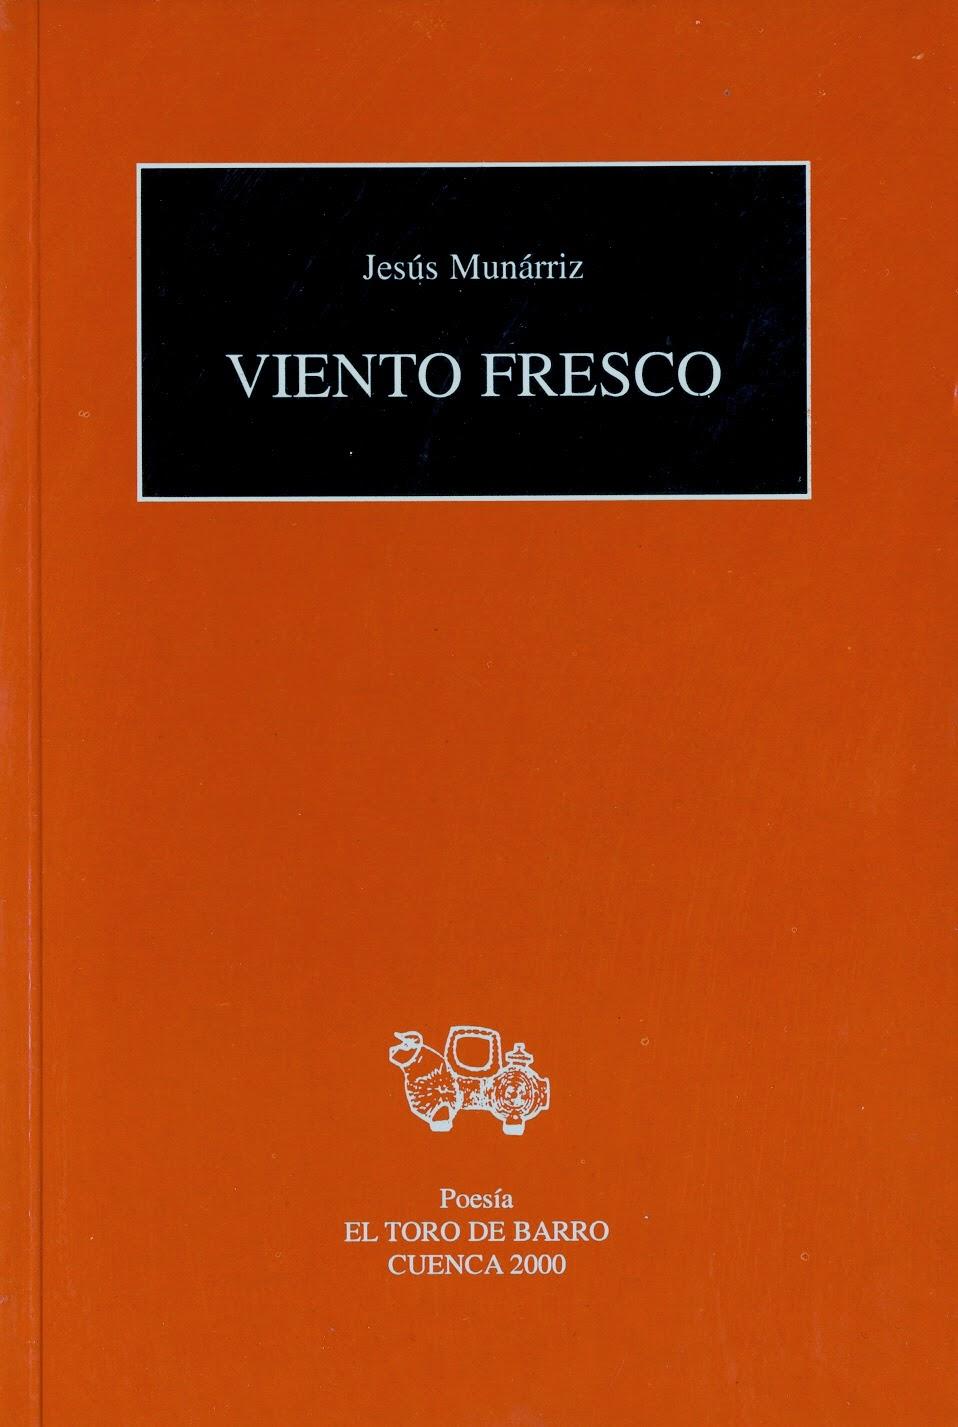 """Jesús Munárriz, """"Viento Fresco"""", Ed. El Toro de Barro, Carlos Morales Ed. Cuenca 2000"""